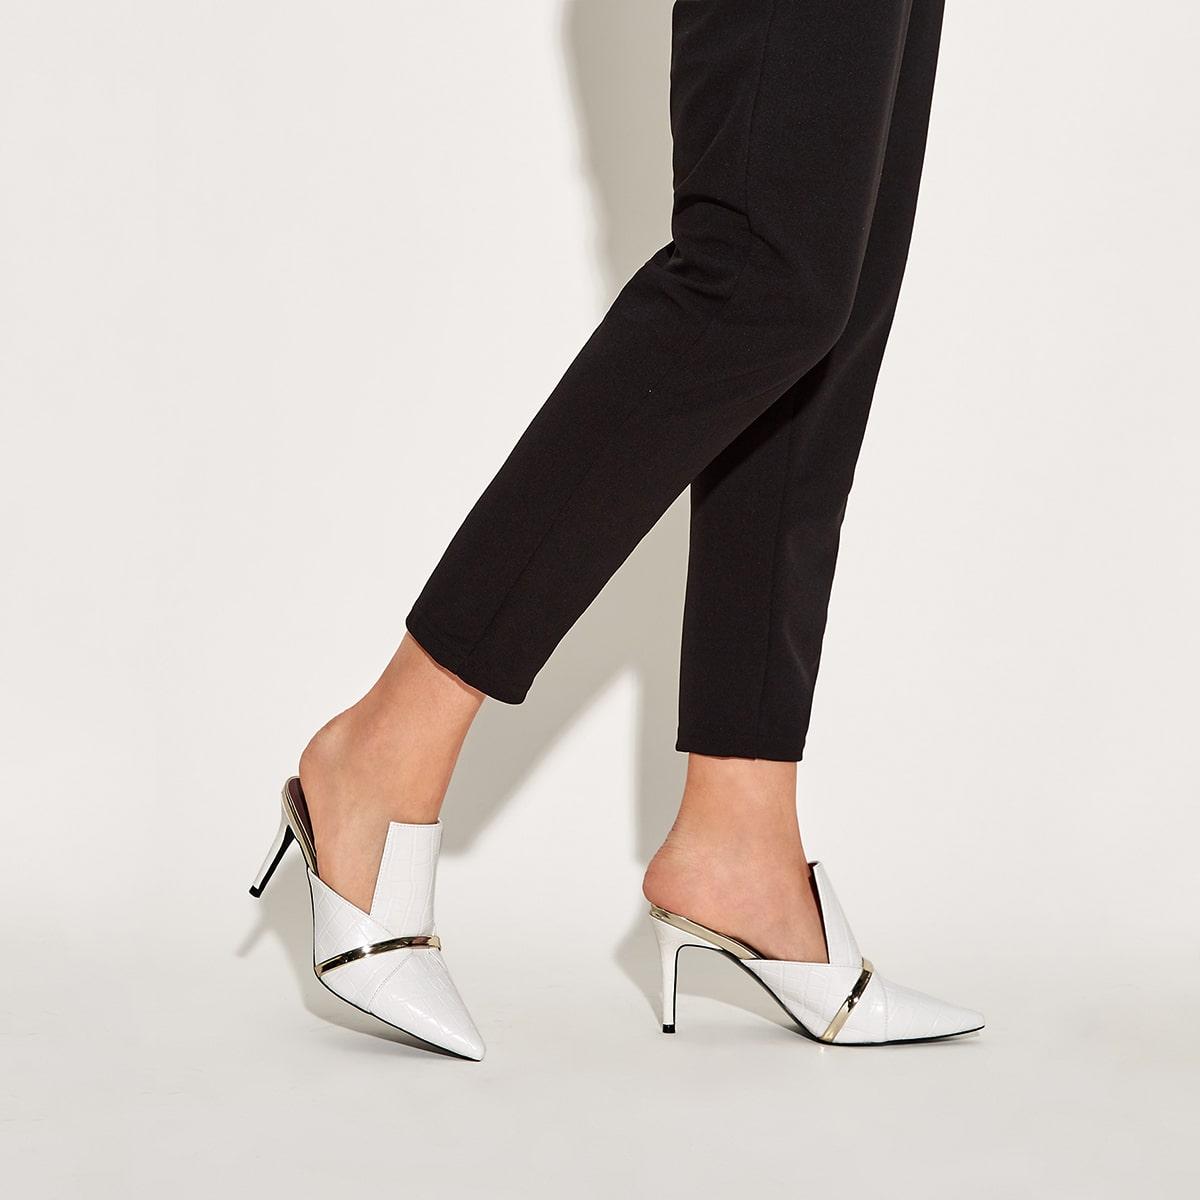 Рельефные мюли на каблуках с открытым задником фото